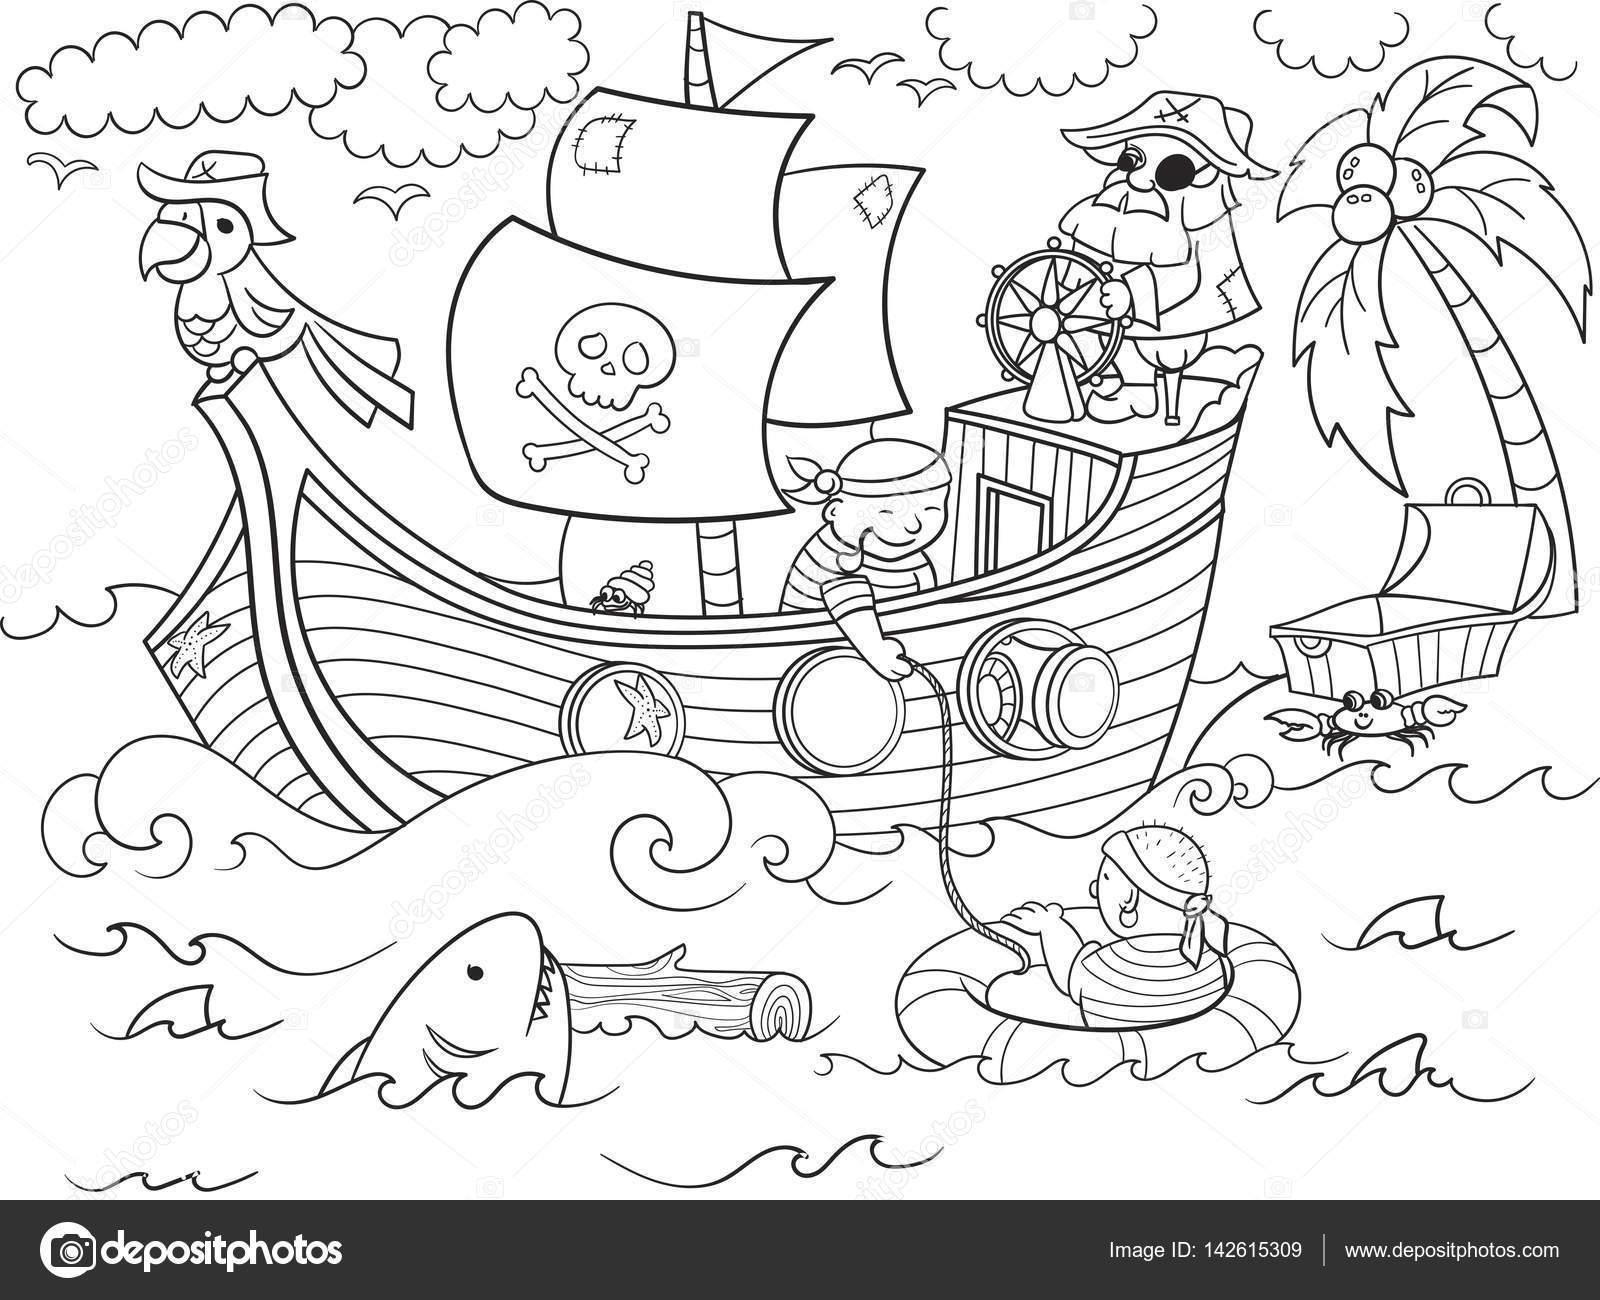 Kinderen Kleurplaten Rond Het Thema Piraten Vector